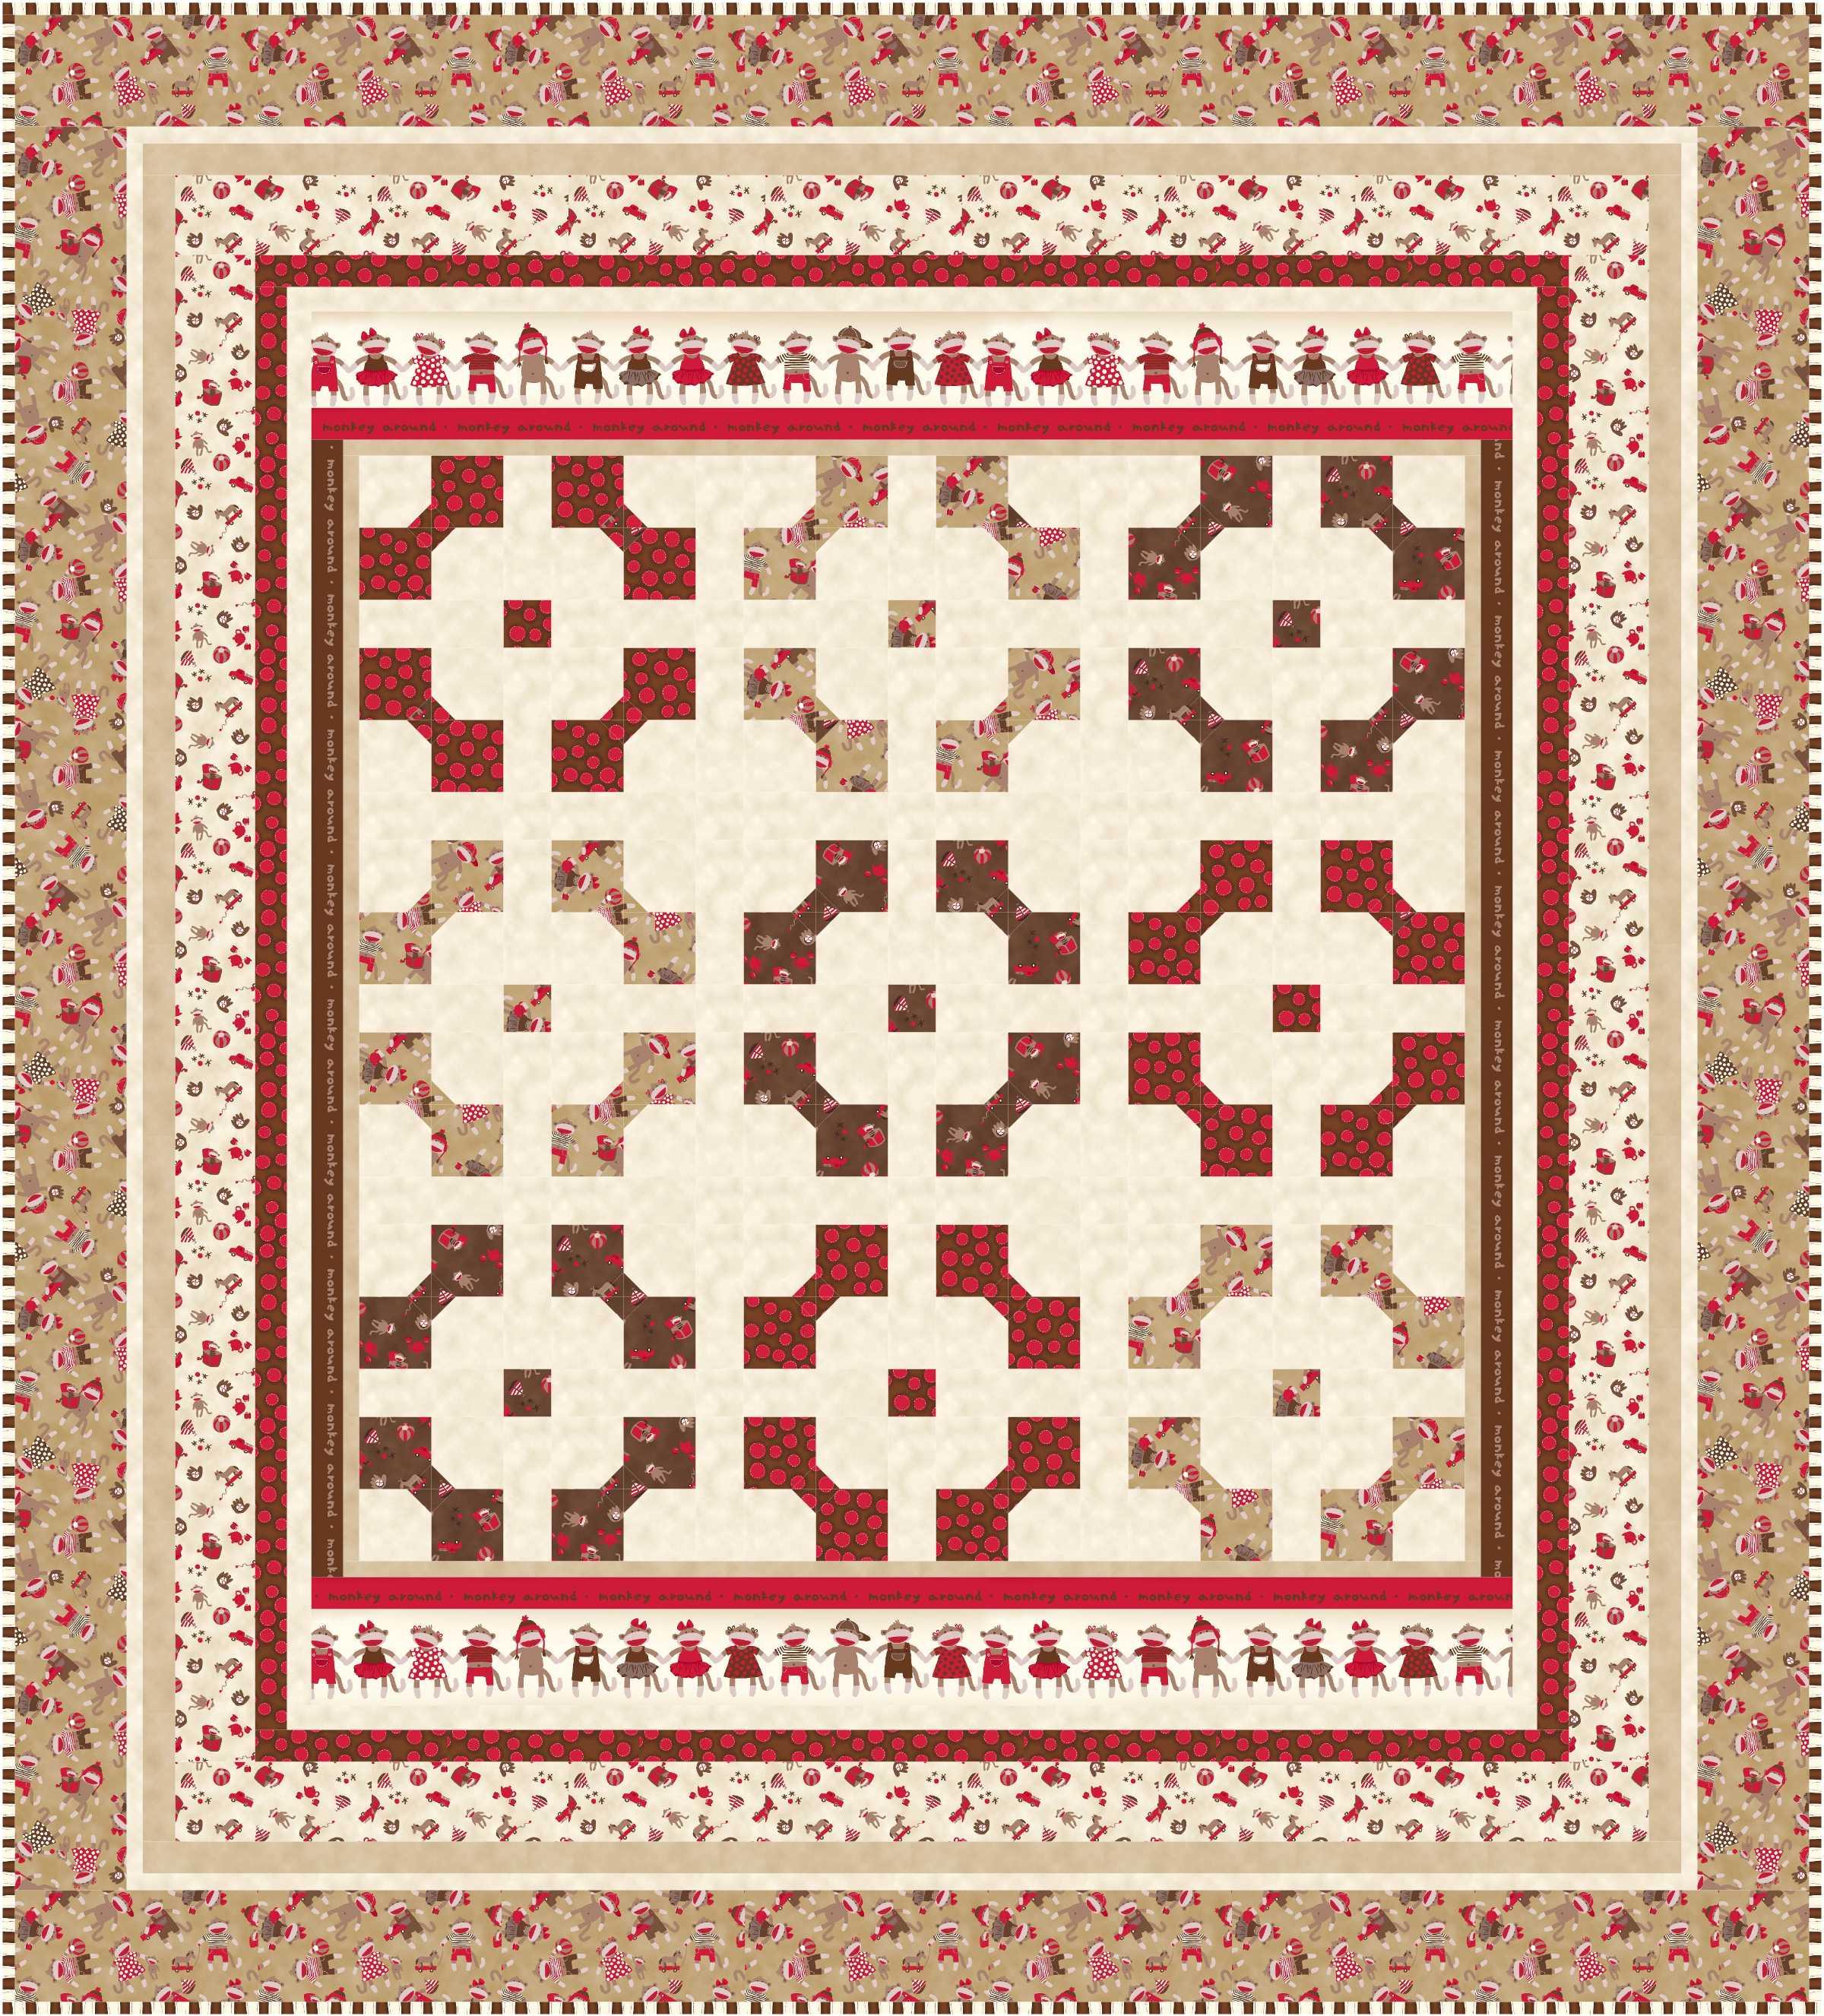 Baby crib quilt patterns free - Monkey Around Redo4a